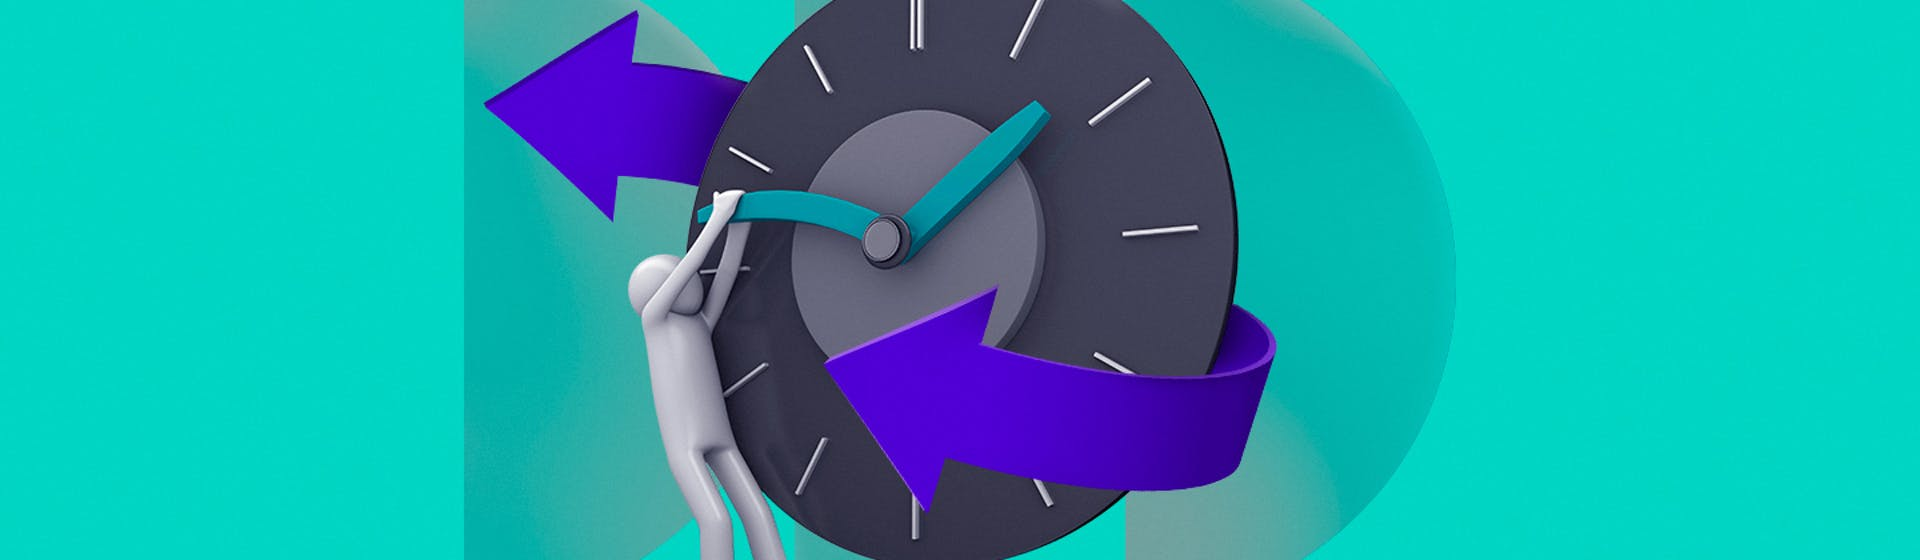 ¿Qué es procrastinar? ¡Toma el control de tu vida con estos tips para dejar de procrastinar!